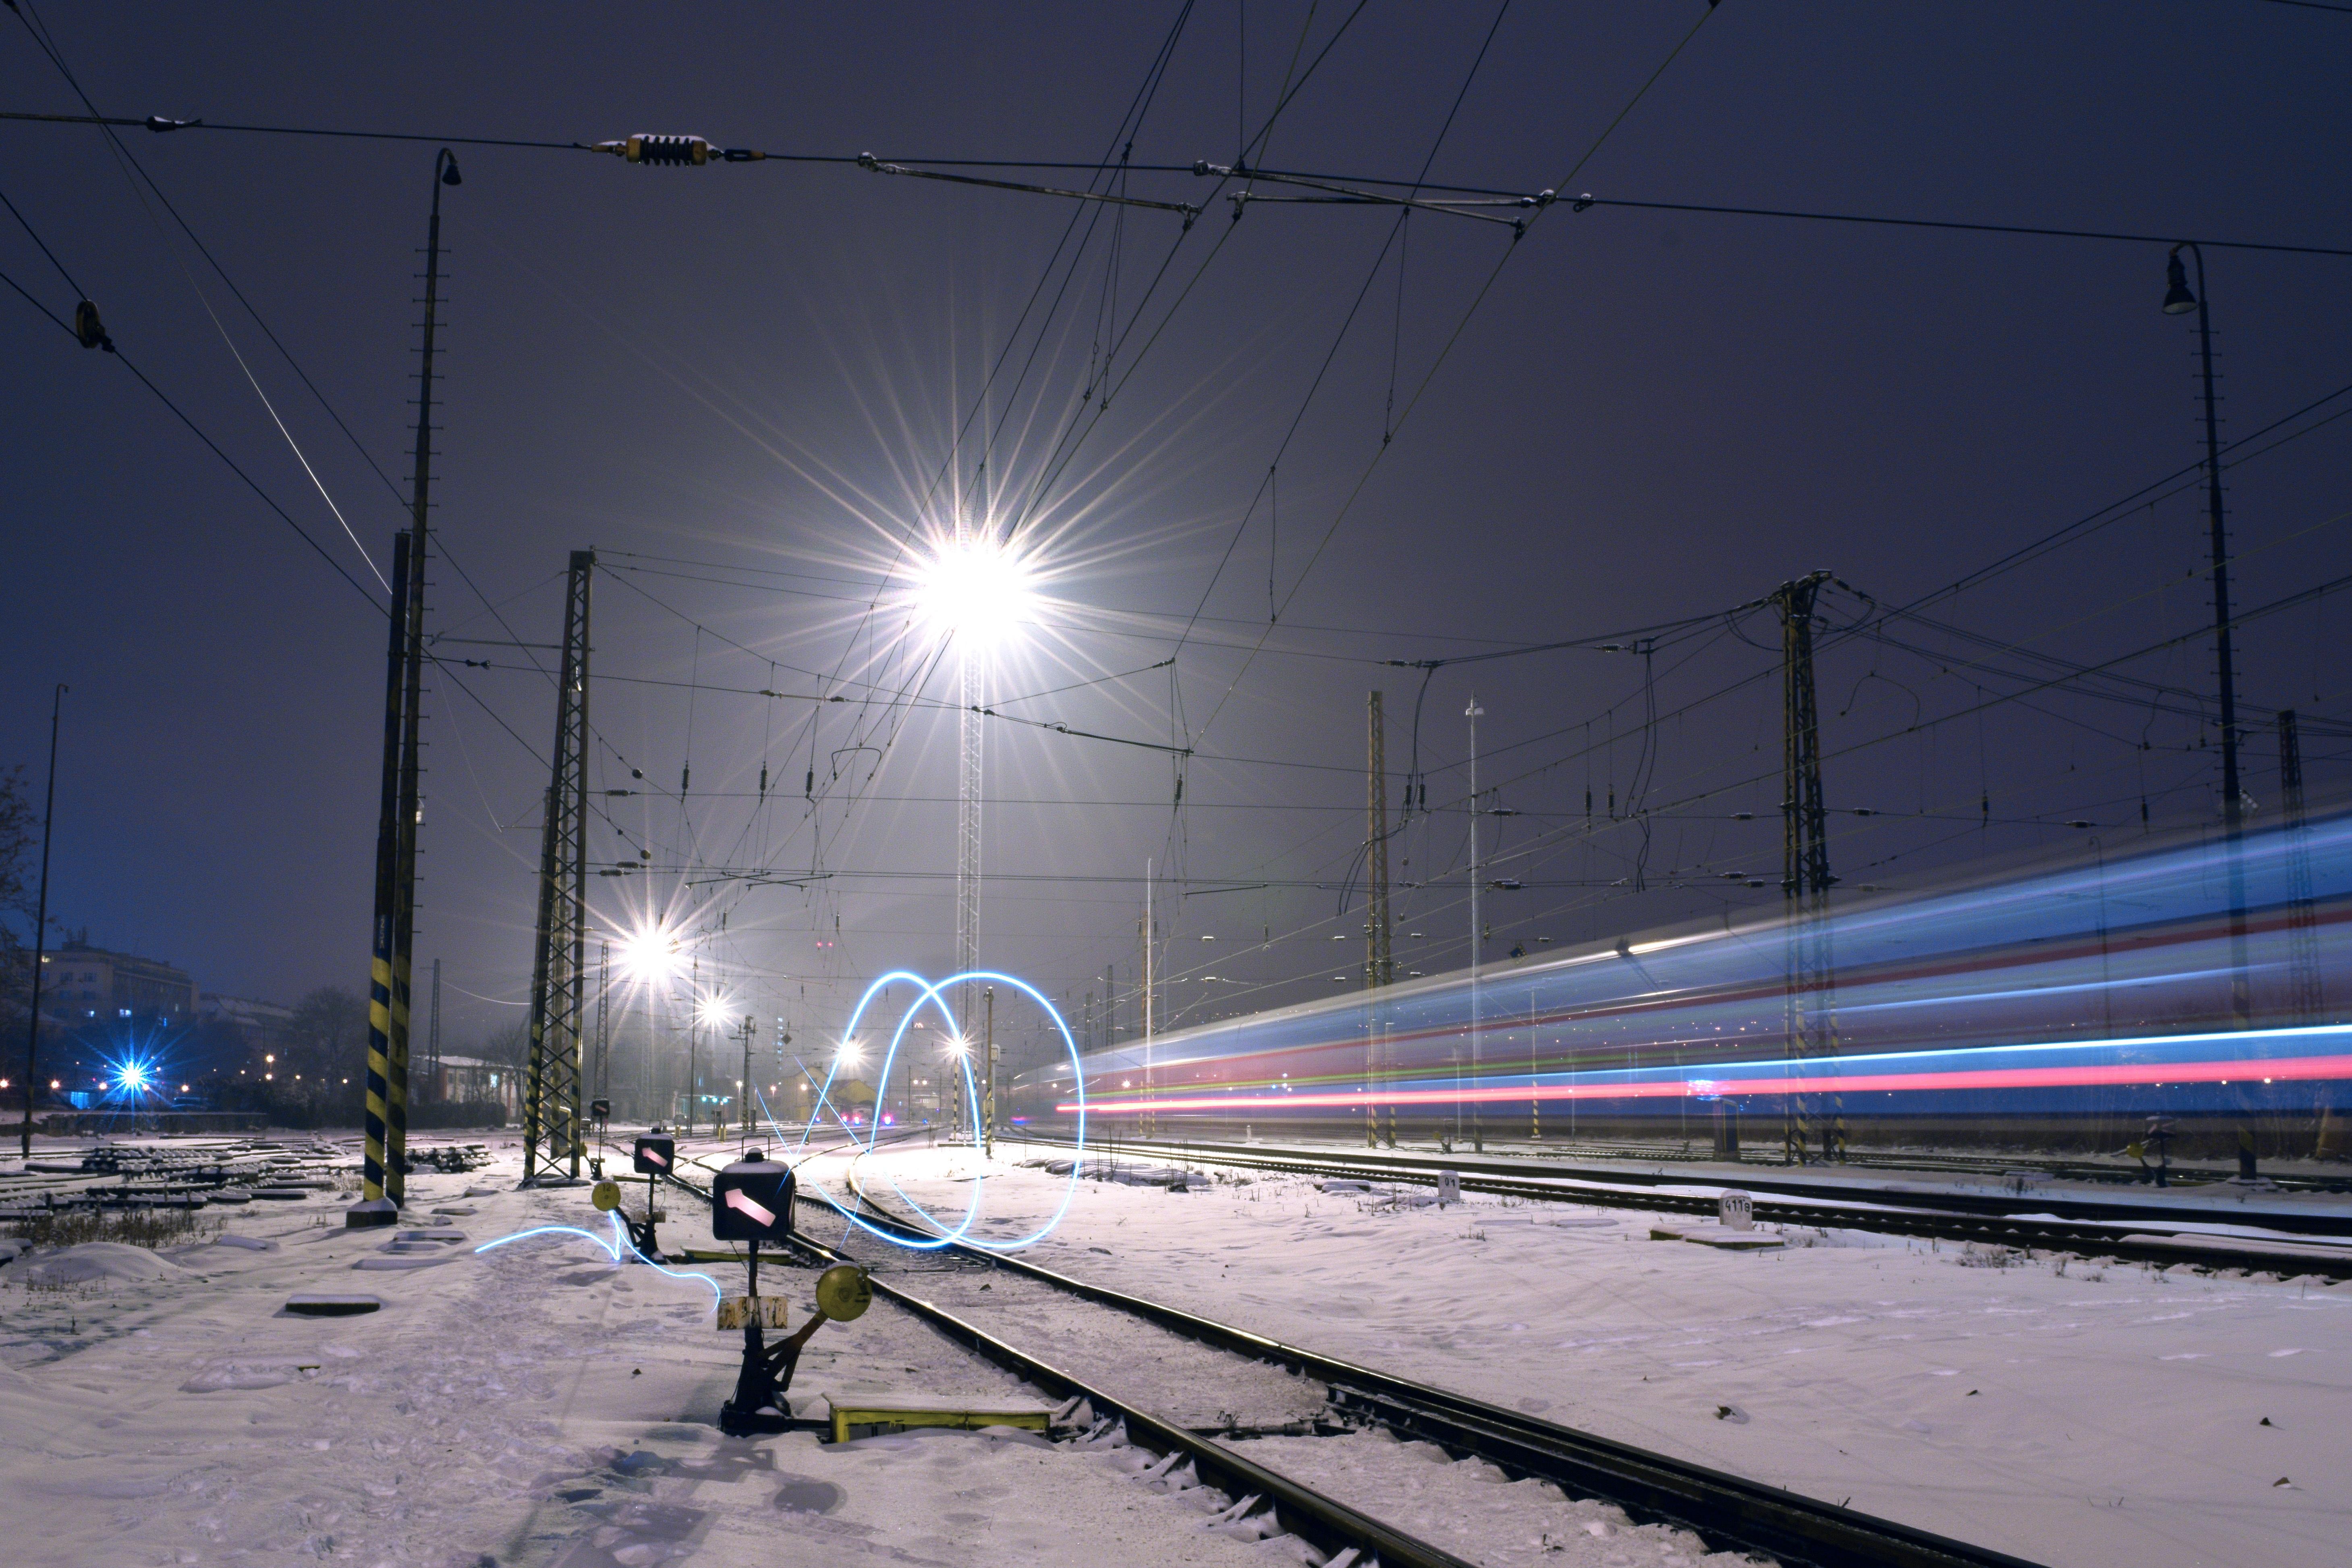 показало картинки станции зимой могут быть вызваны